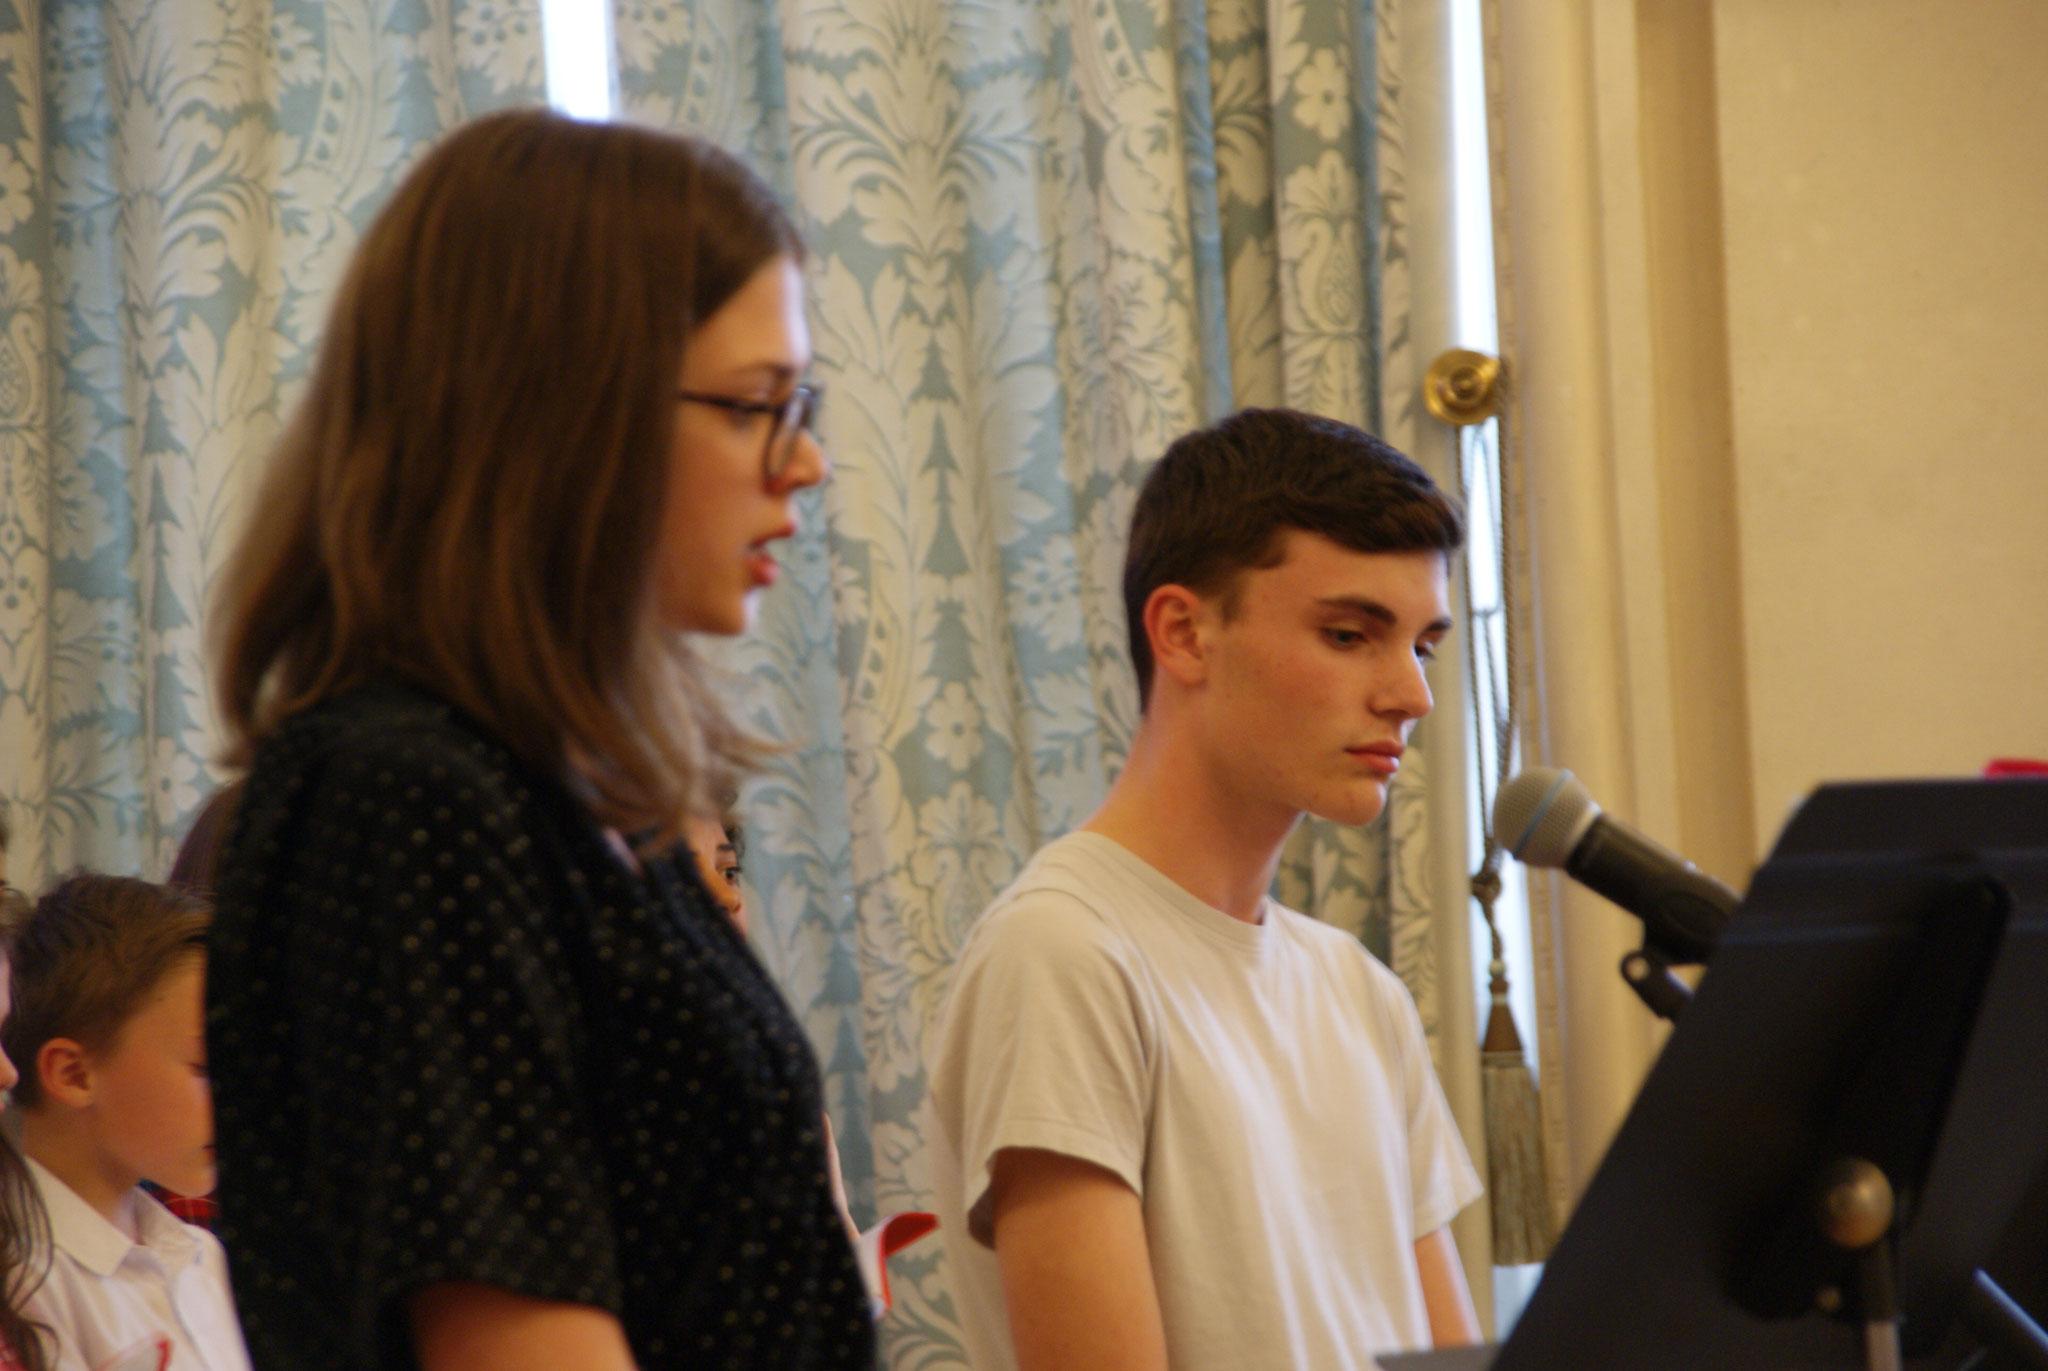 Solistes de la chorale du collège Saint-Remi